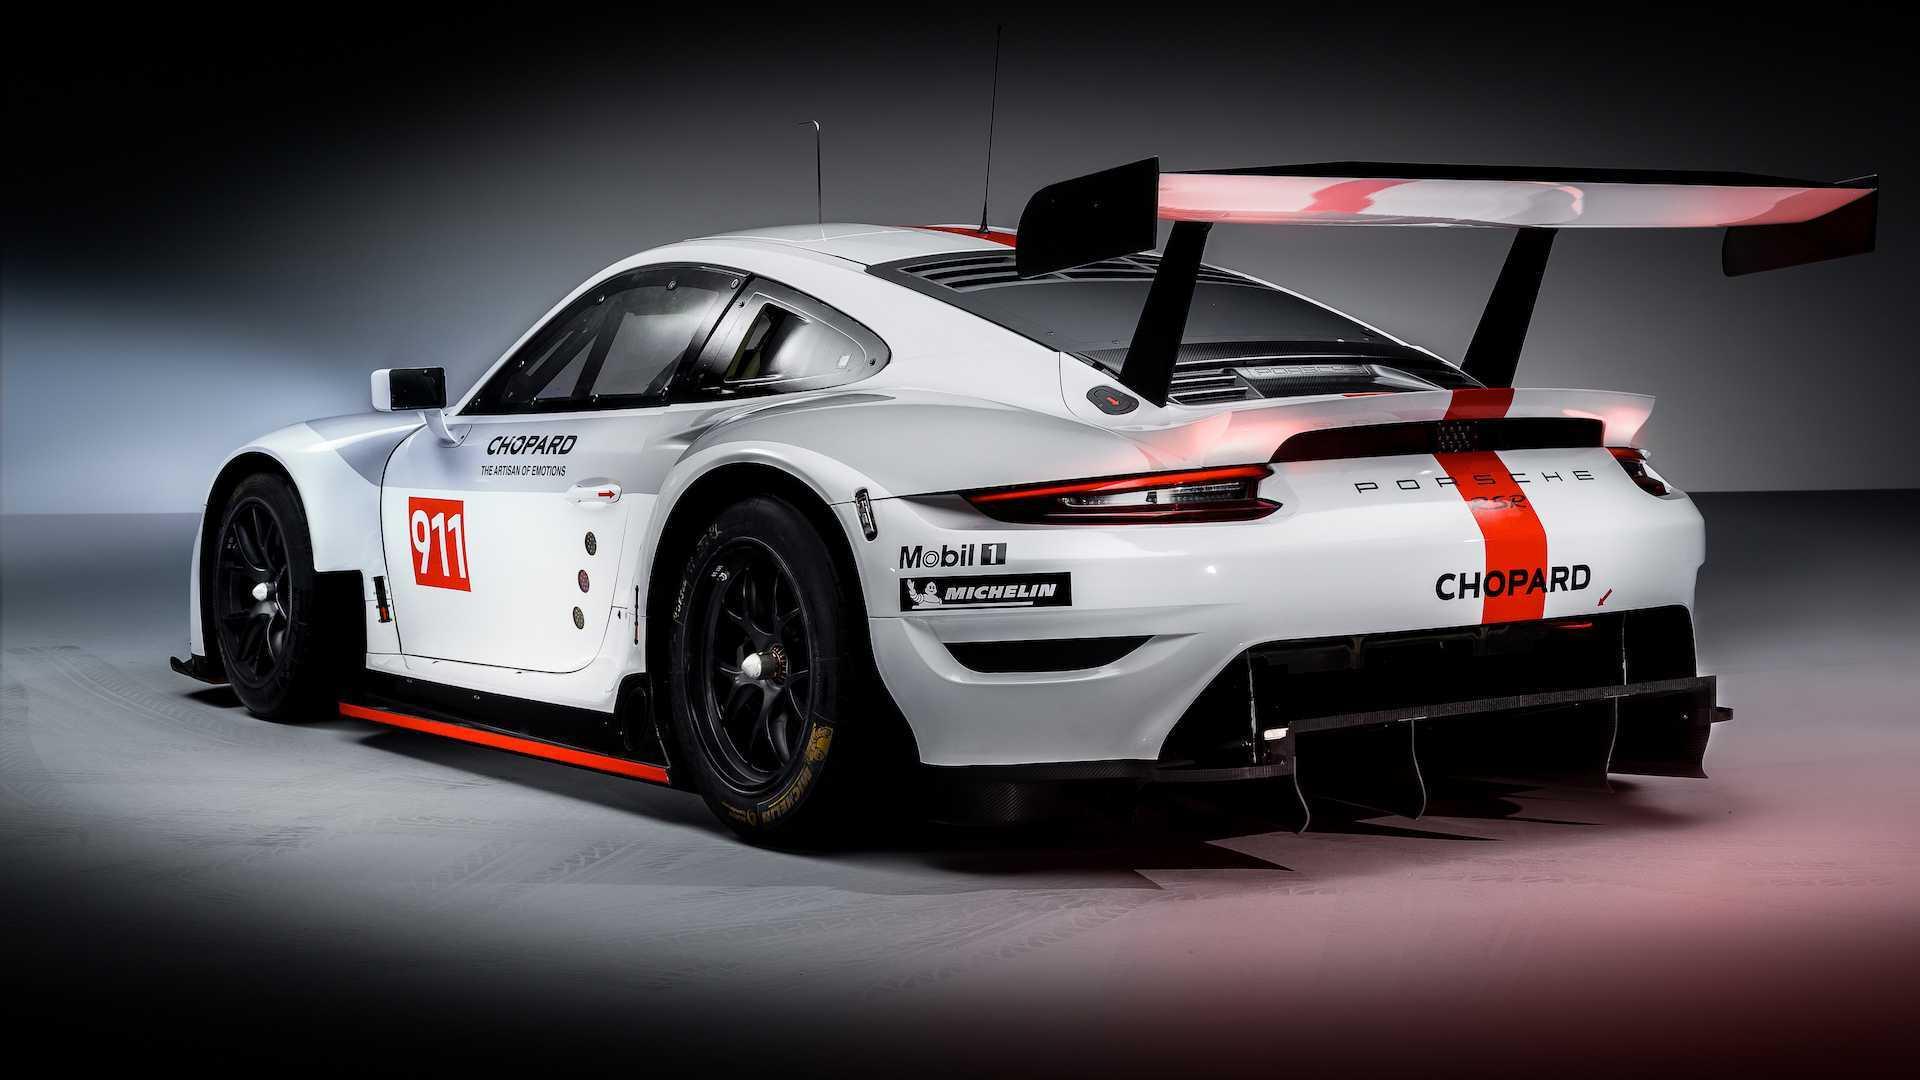 2019 Porsche 911 RSR for FIA WEC